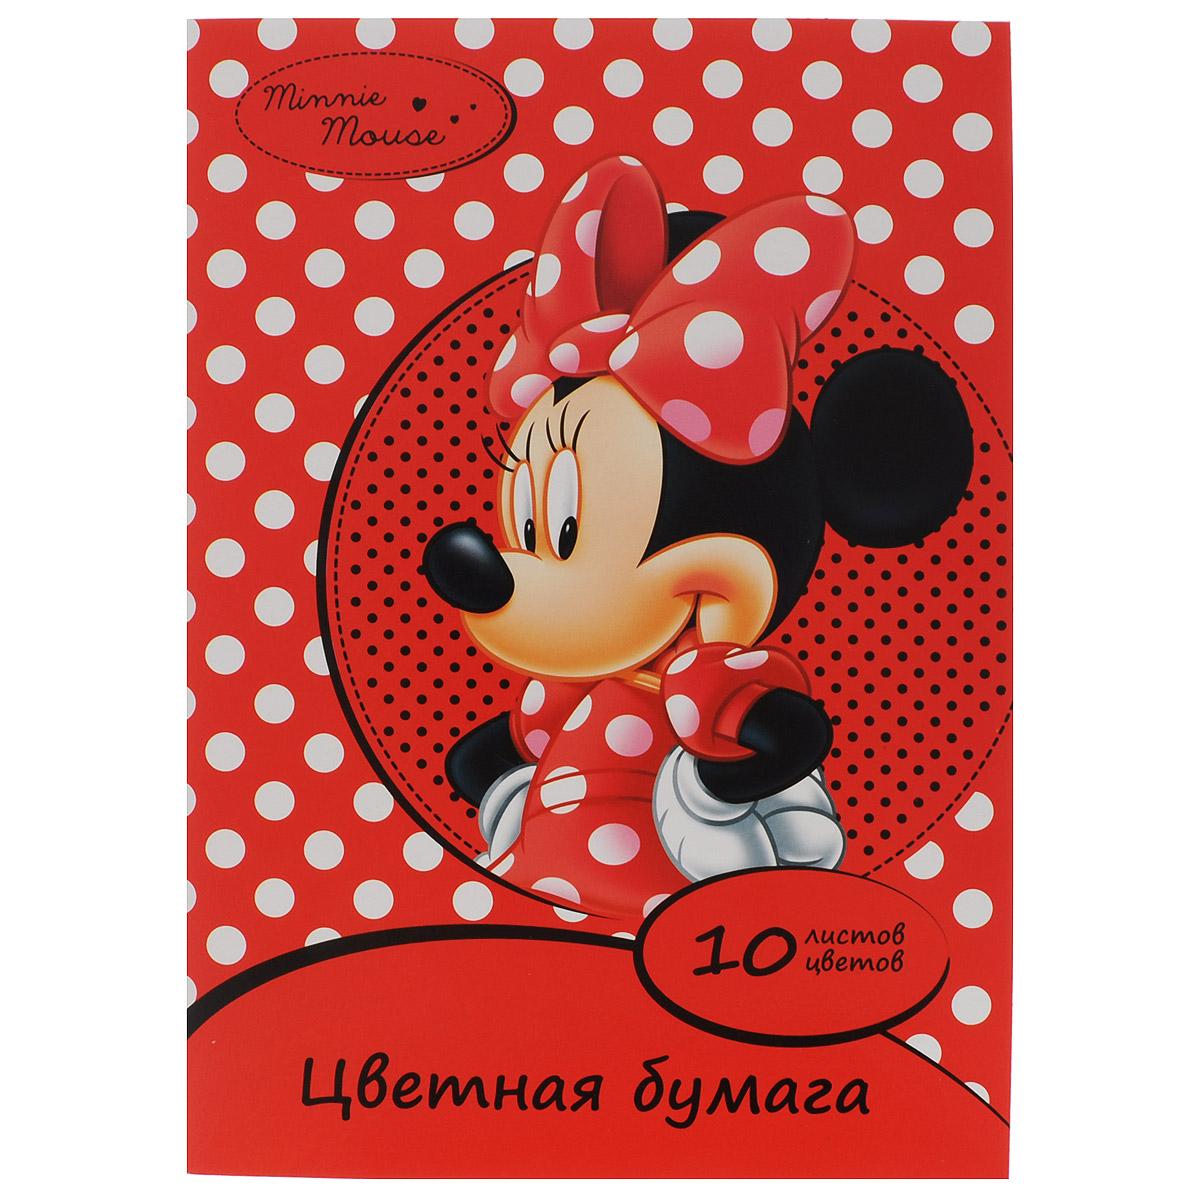 """Цветная бумага Disney """"Минни"""", 10 цветов 25382"""